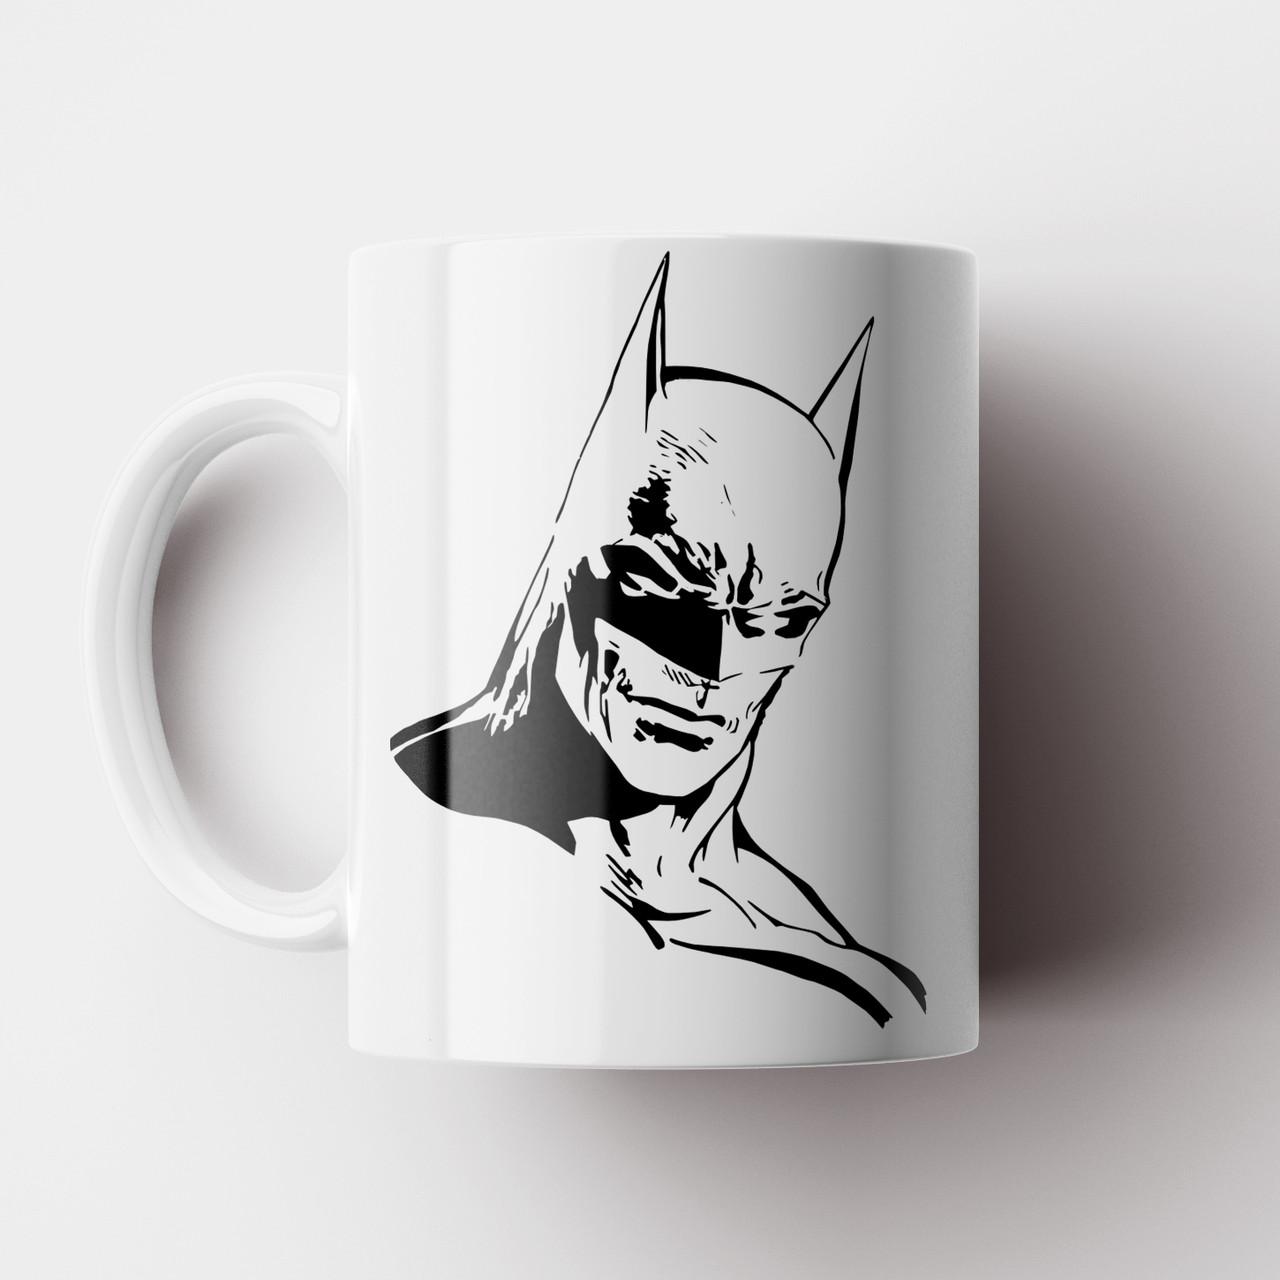 Кружка з принтом Batman. Чашка з принтом Бетмен. Чашка з фото